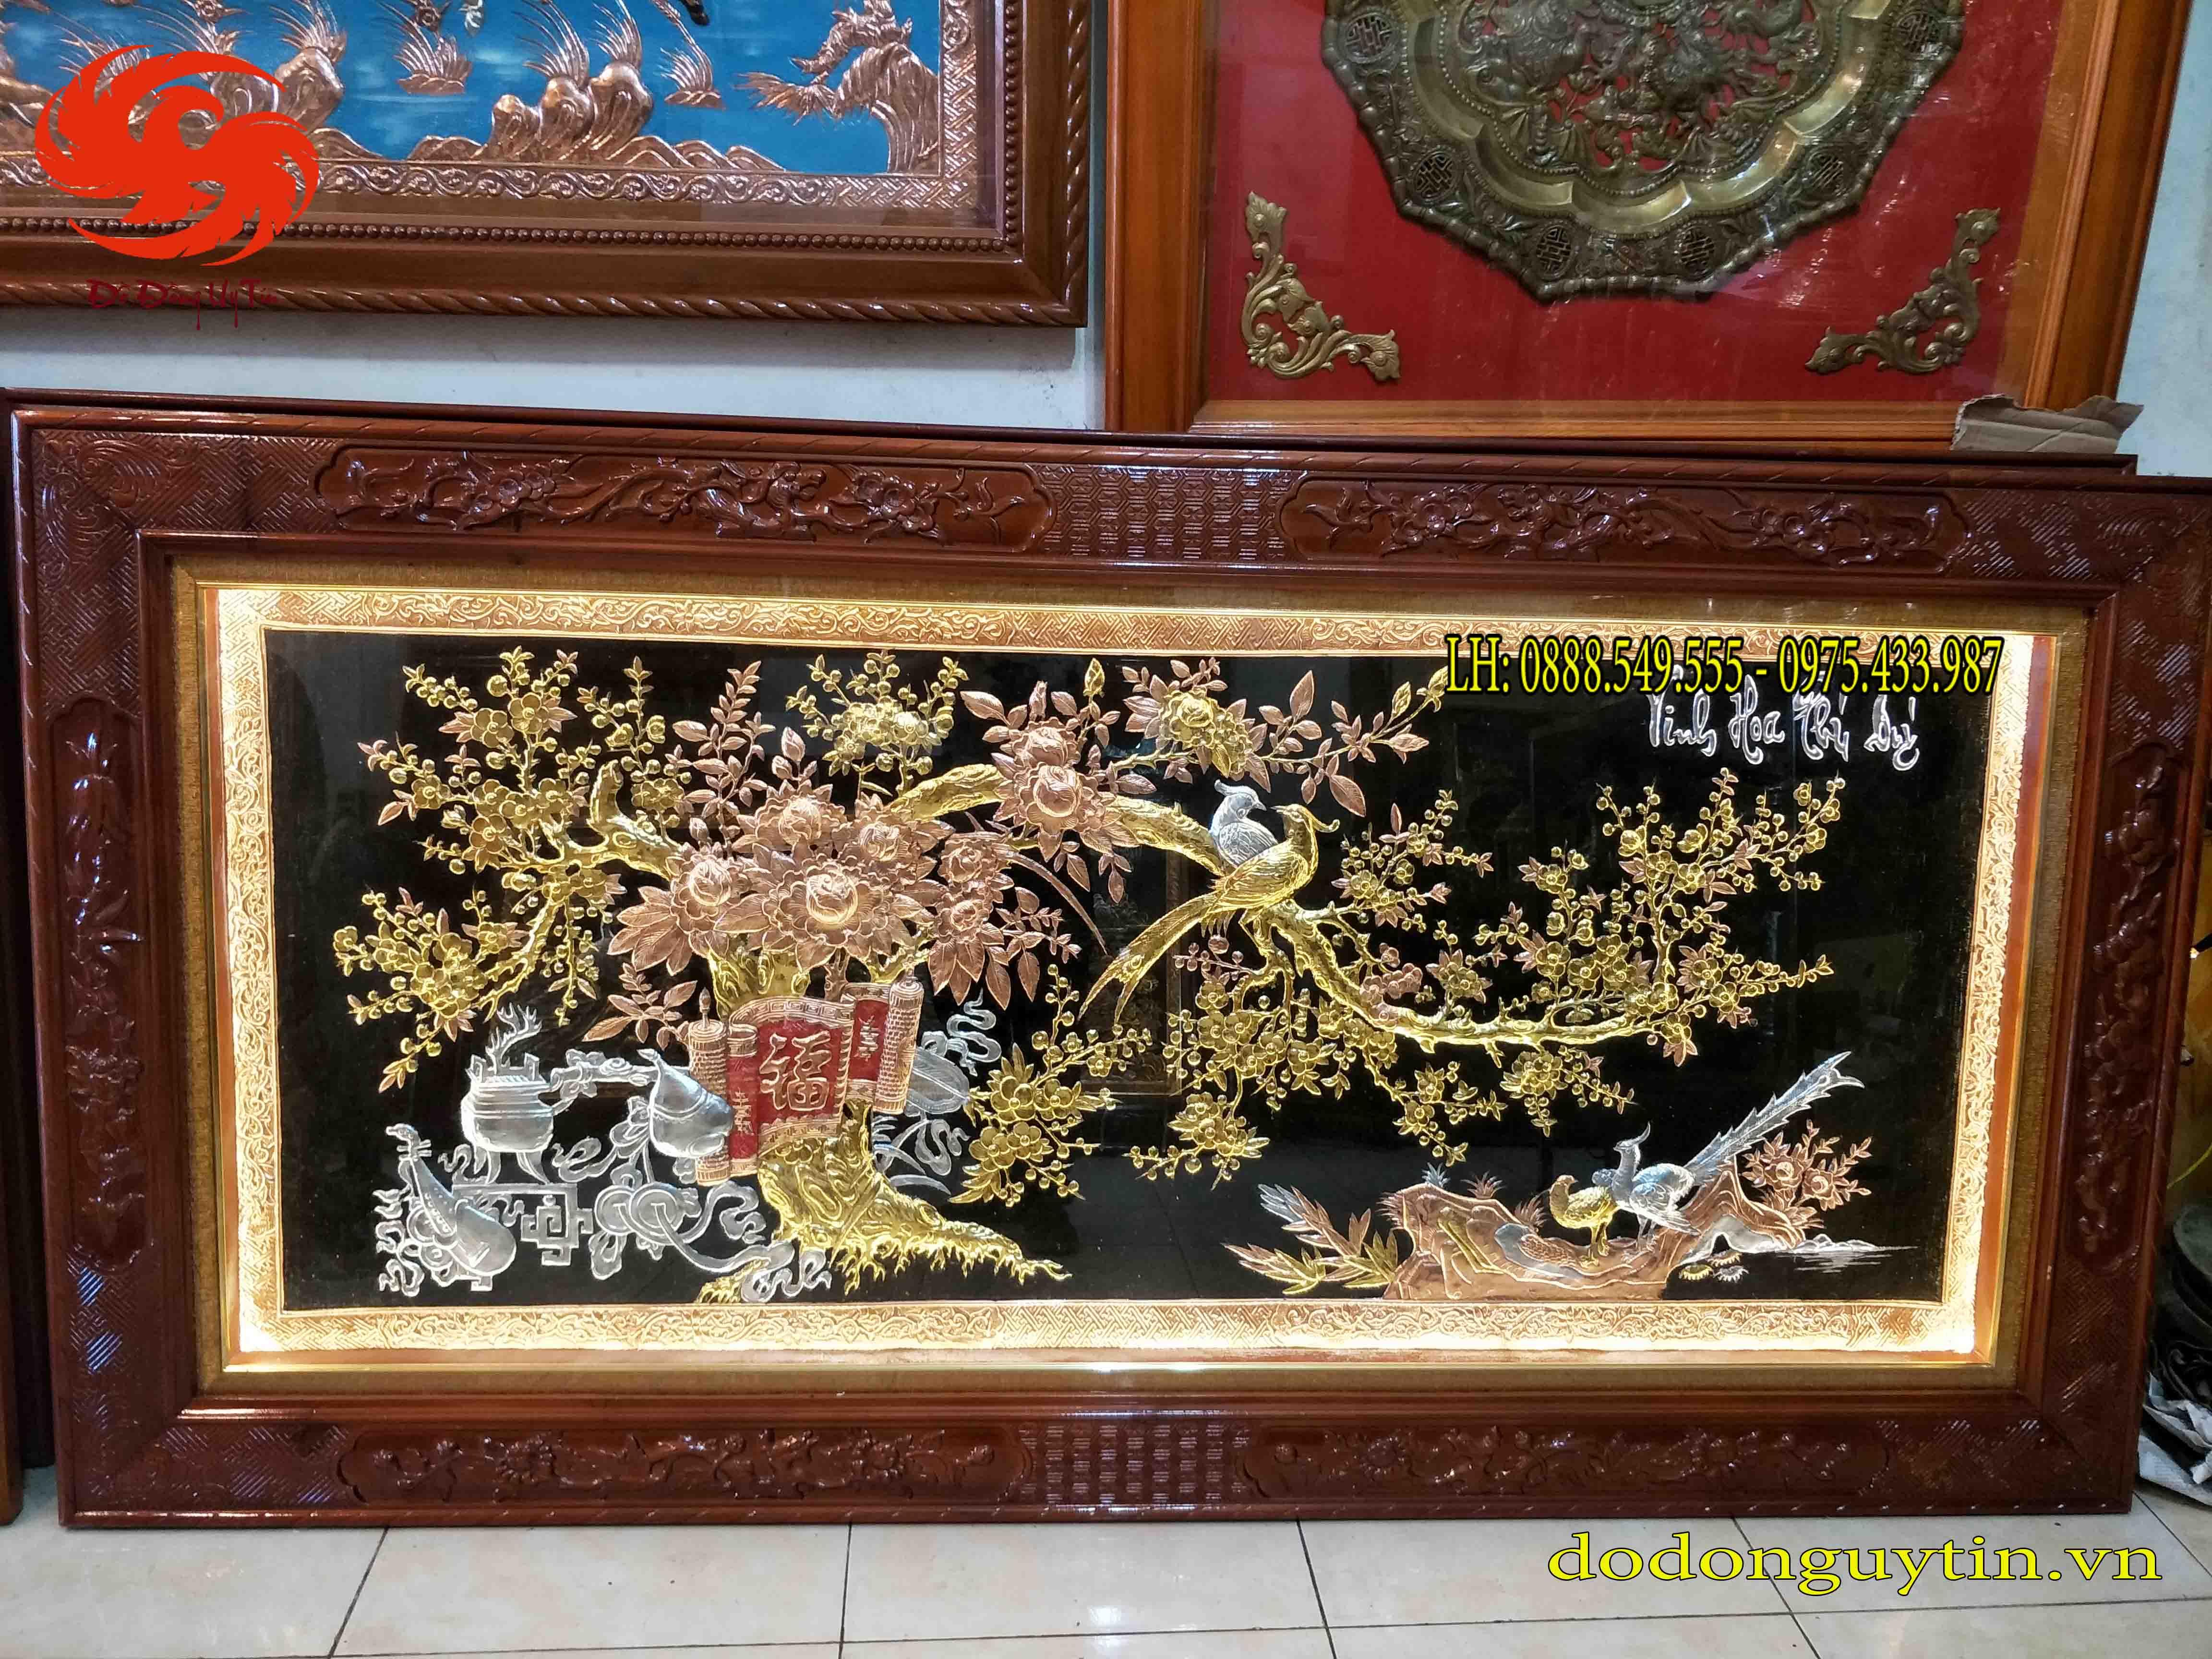 tranh vinh hoa phú quý dát vàng. đồ đồng hoài ánh